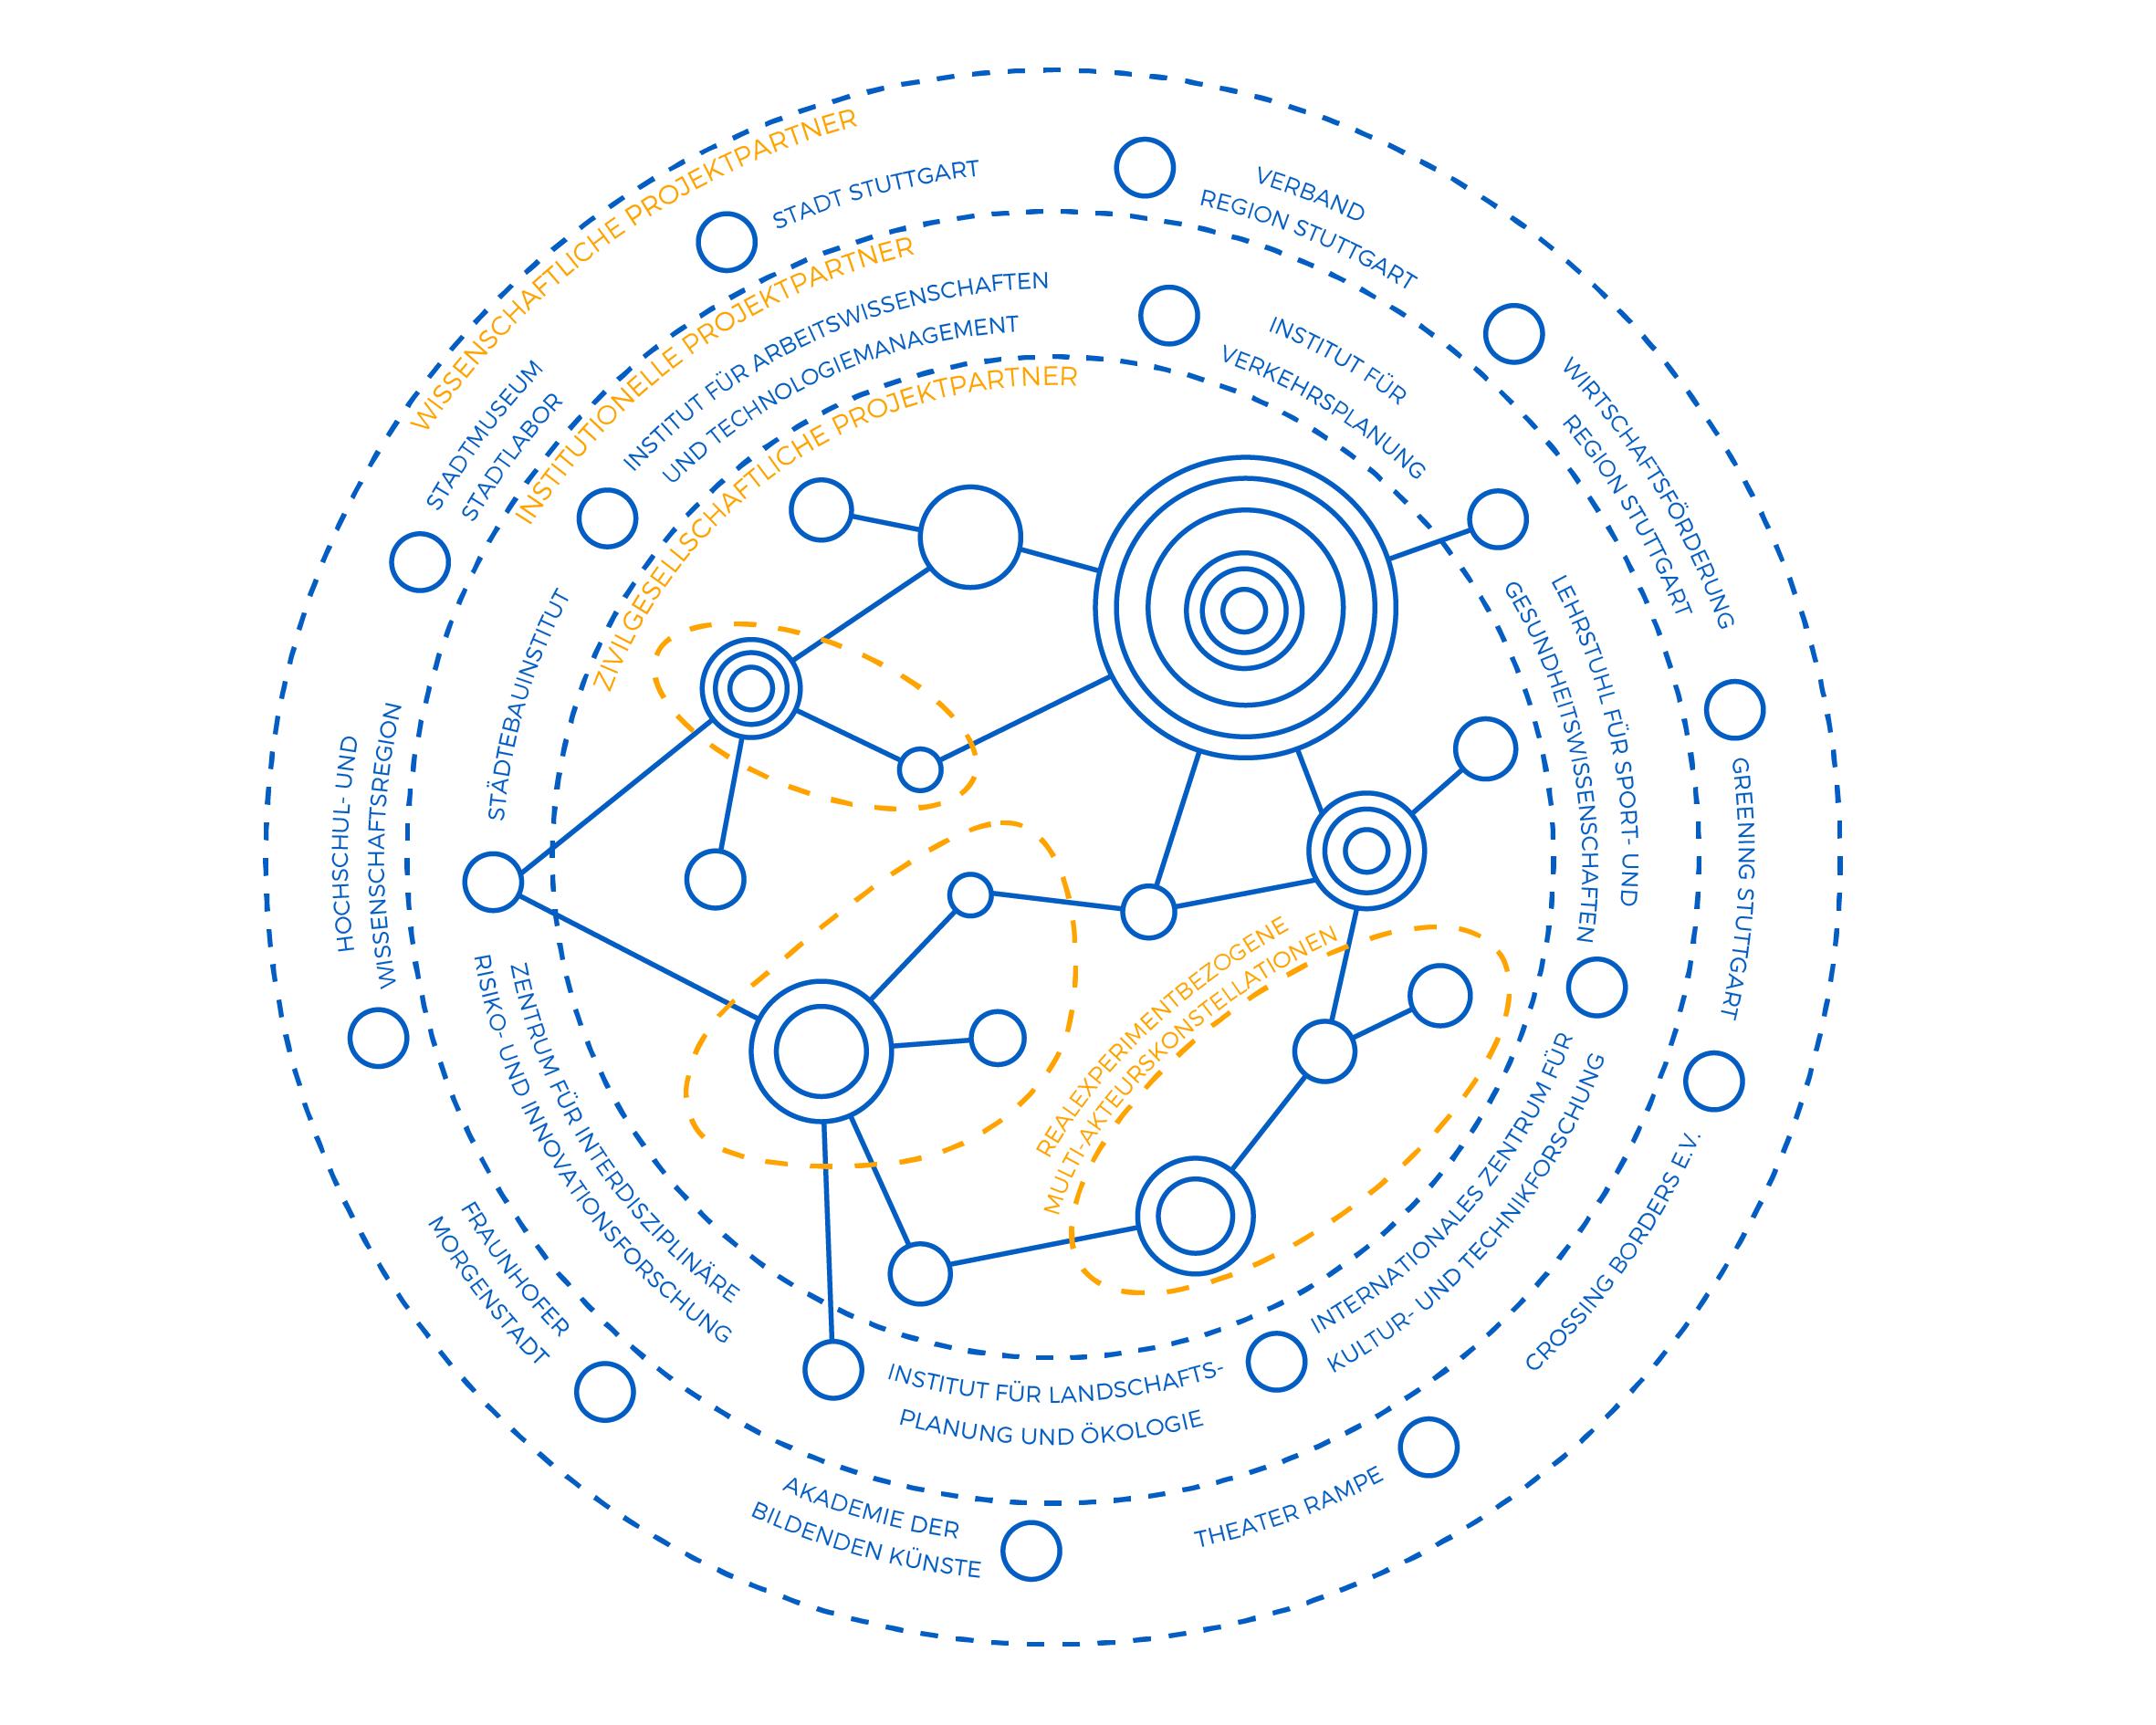 Reallabor für nachhaltige Mobilitätskultur - KOOPERATIONSPARTNER, NETZWERK UND SOZIALE INNOVATOREN